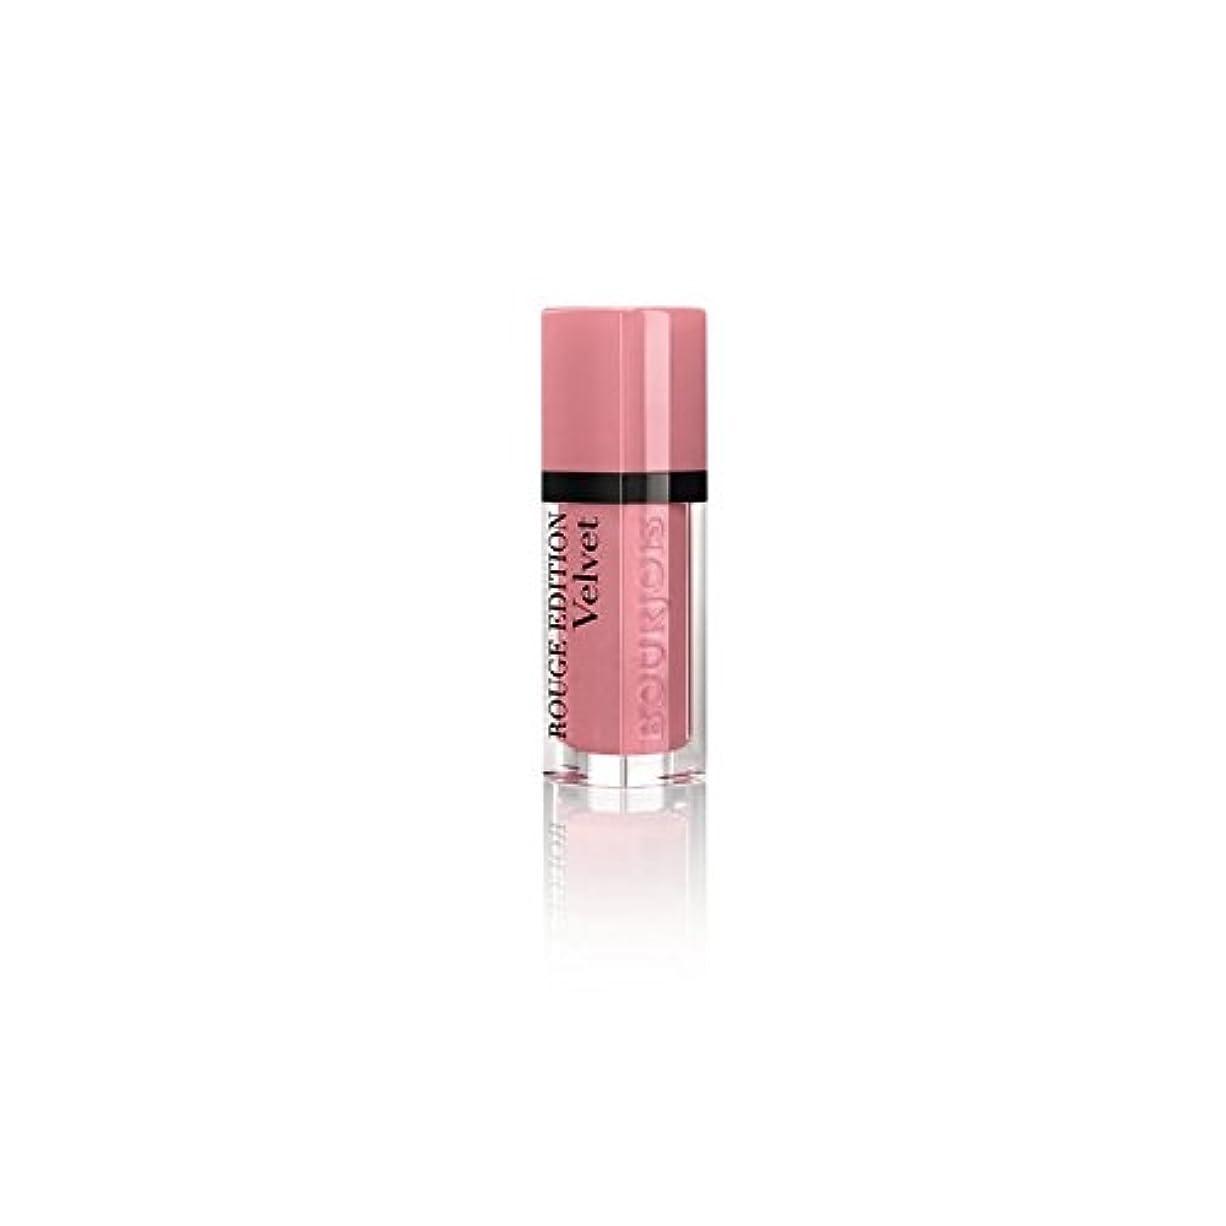 王位恐ろしい急いでBourjois Rouge Edition Velvet Lipstick Don't Pink of It 10 - ブルジョワルージュ版のベルベットの口紅は、10のピンクはありません [並行輸入品]